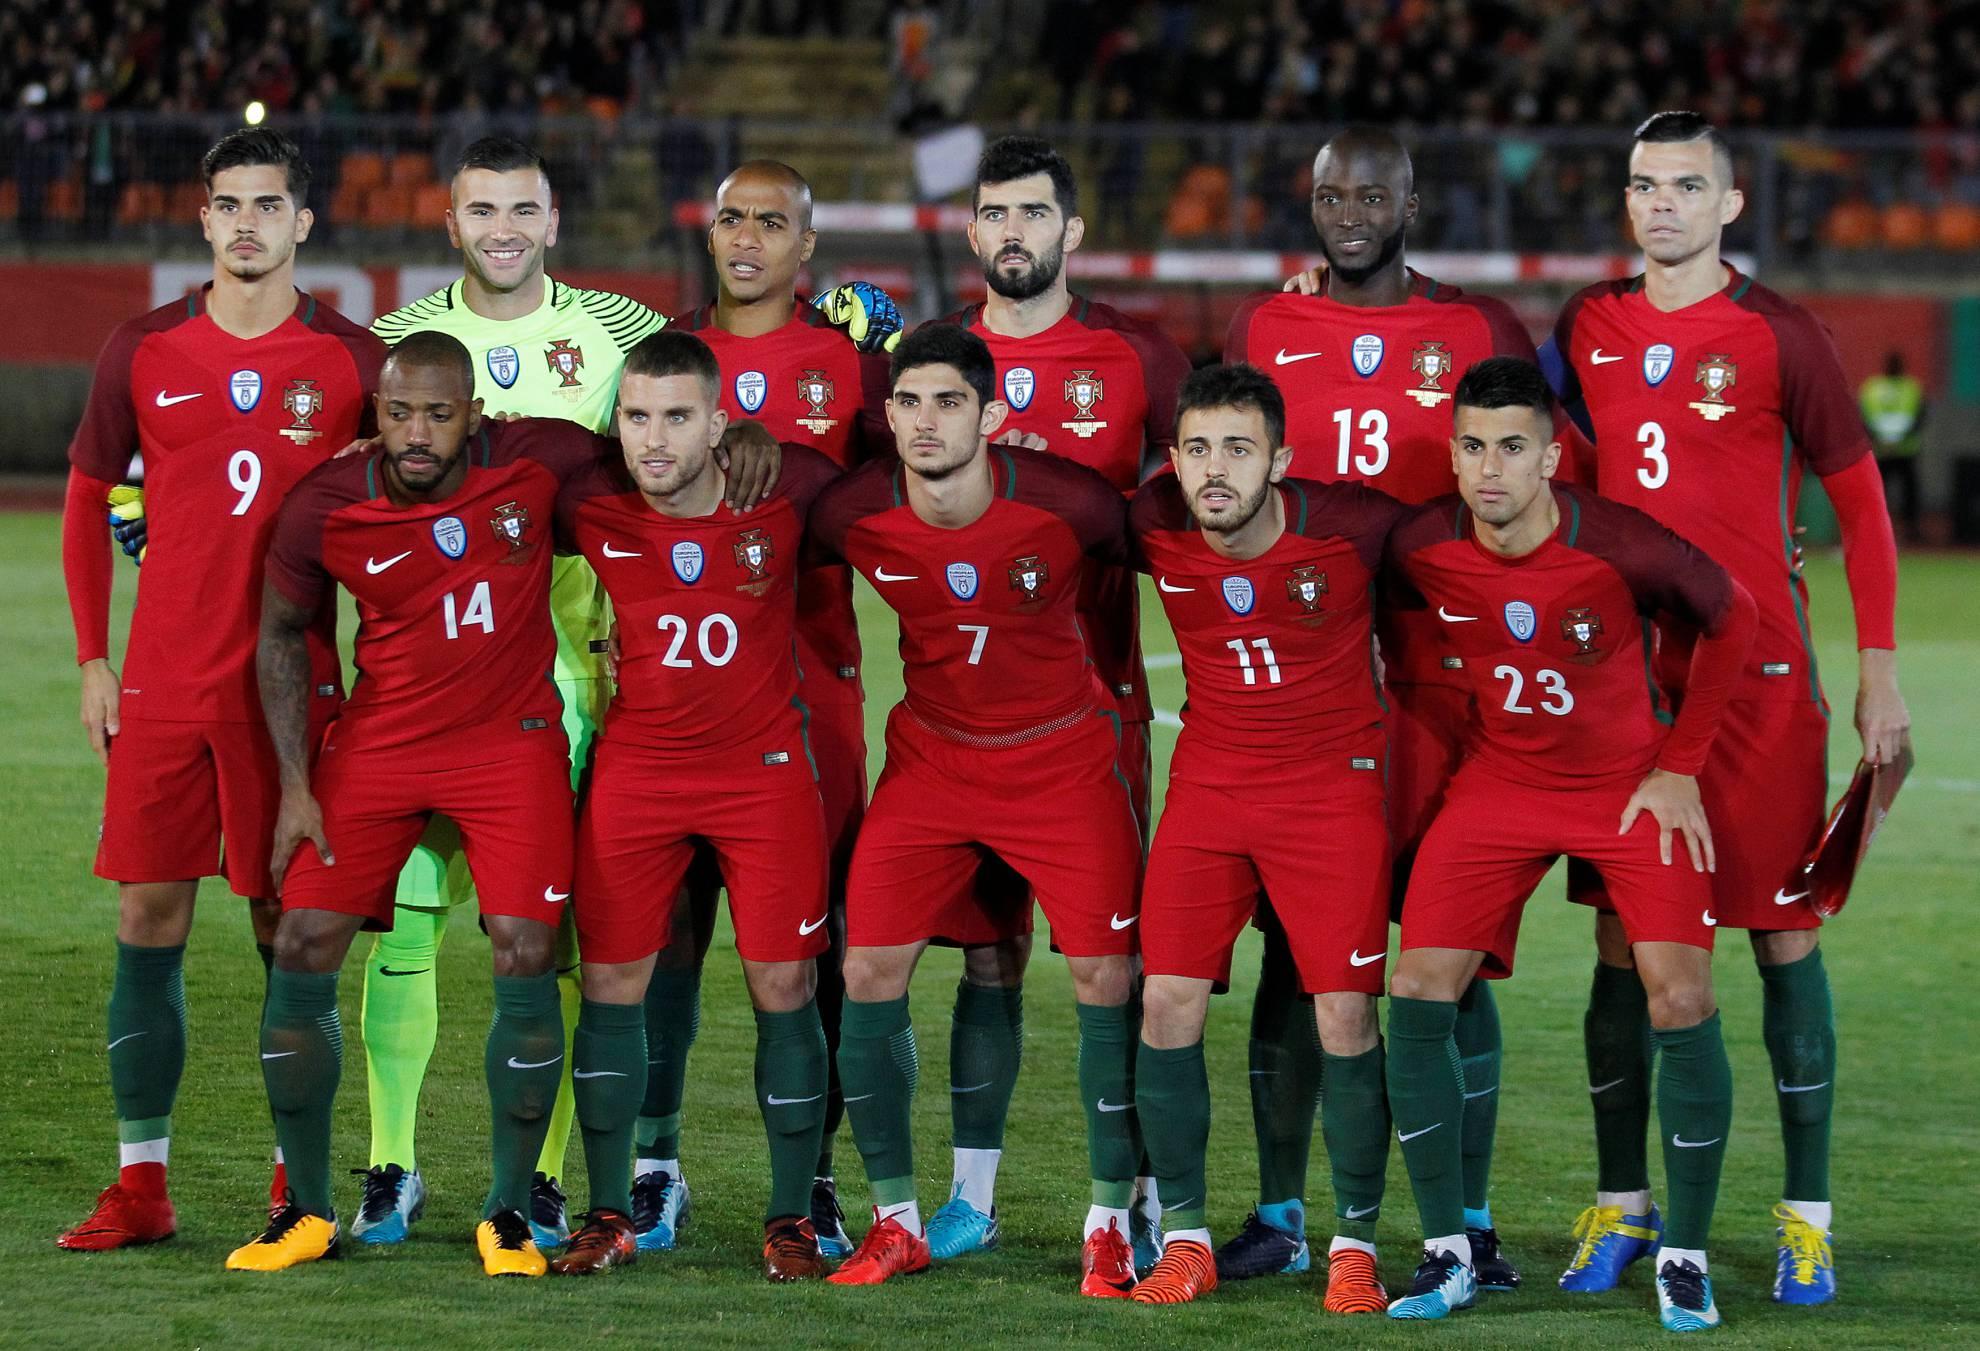 любите остренькие сборная португалии фото игроков купе фотопечатью